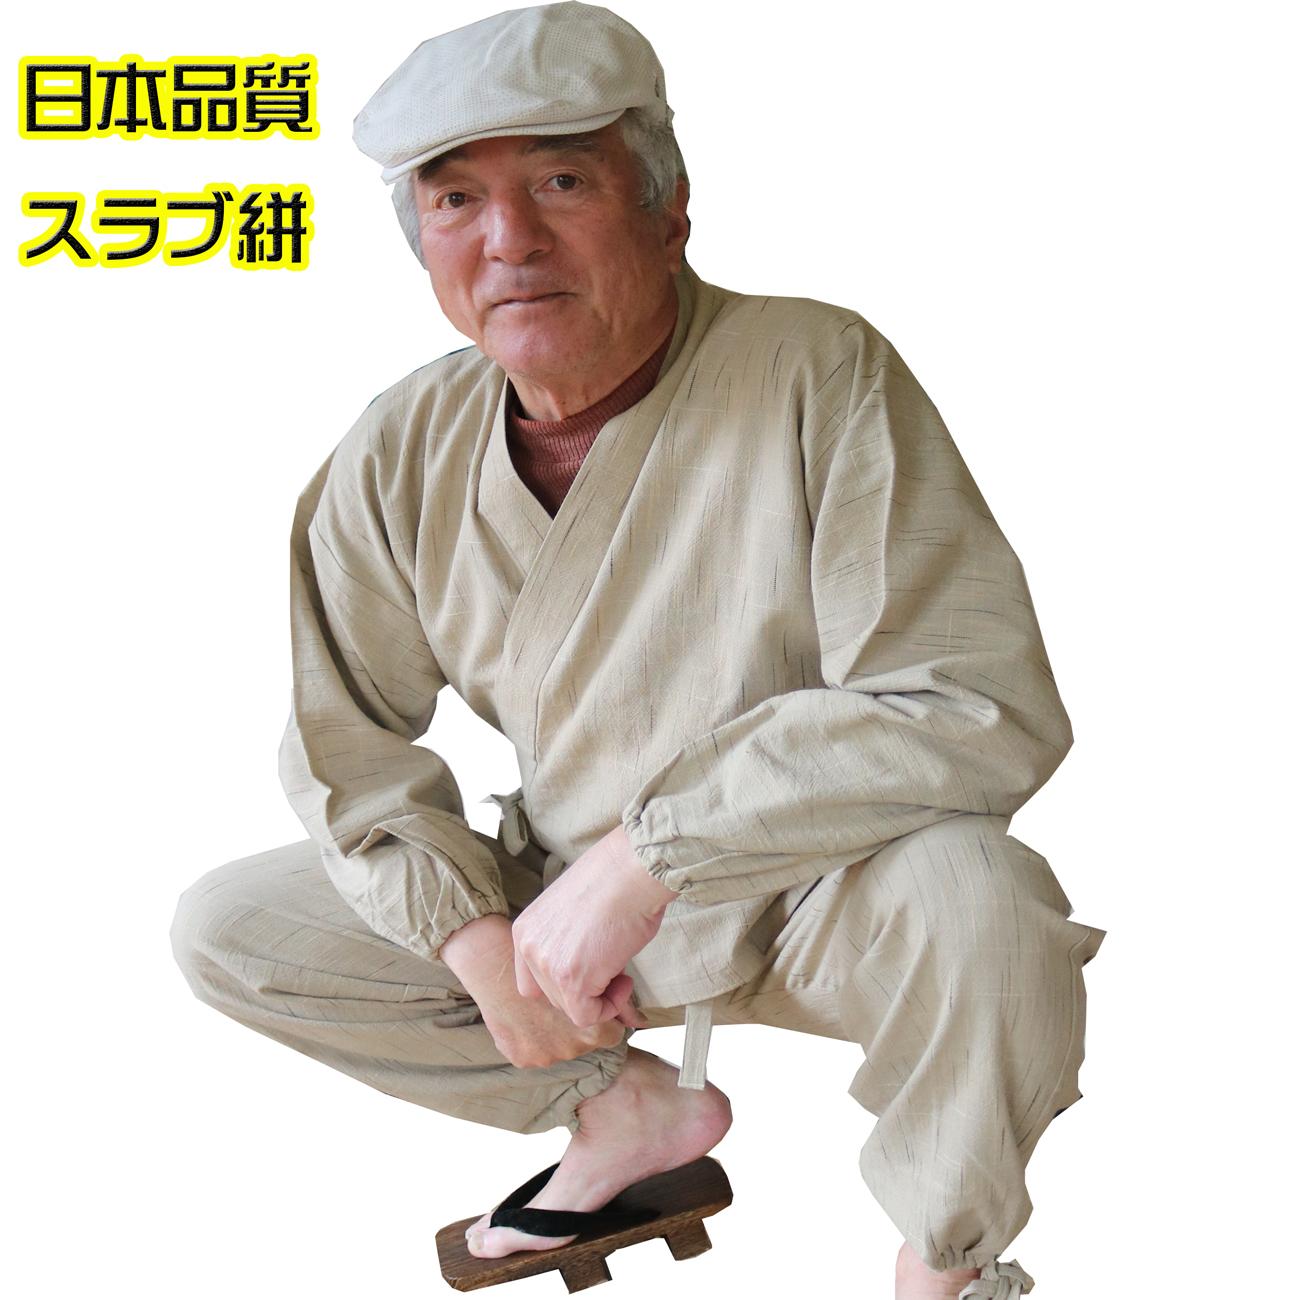 スラブ絣の作務衣